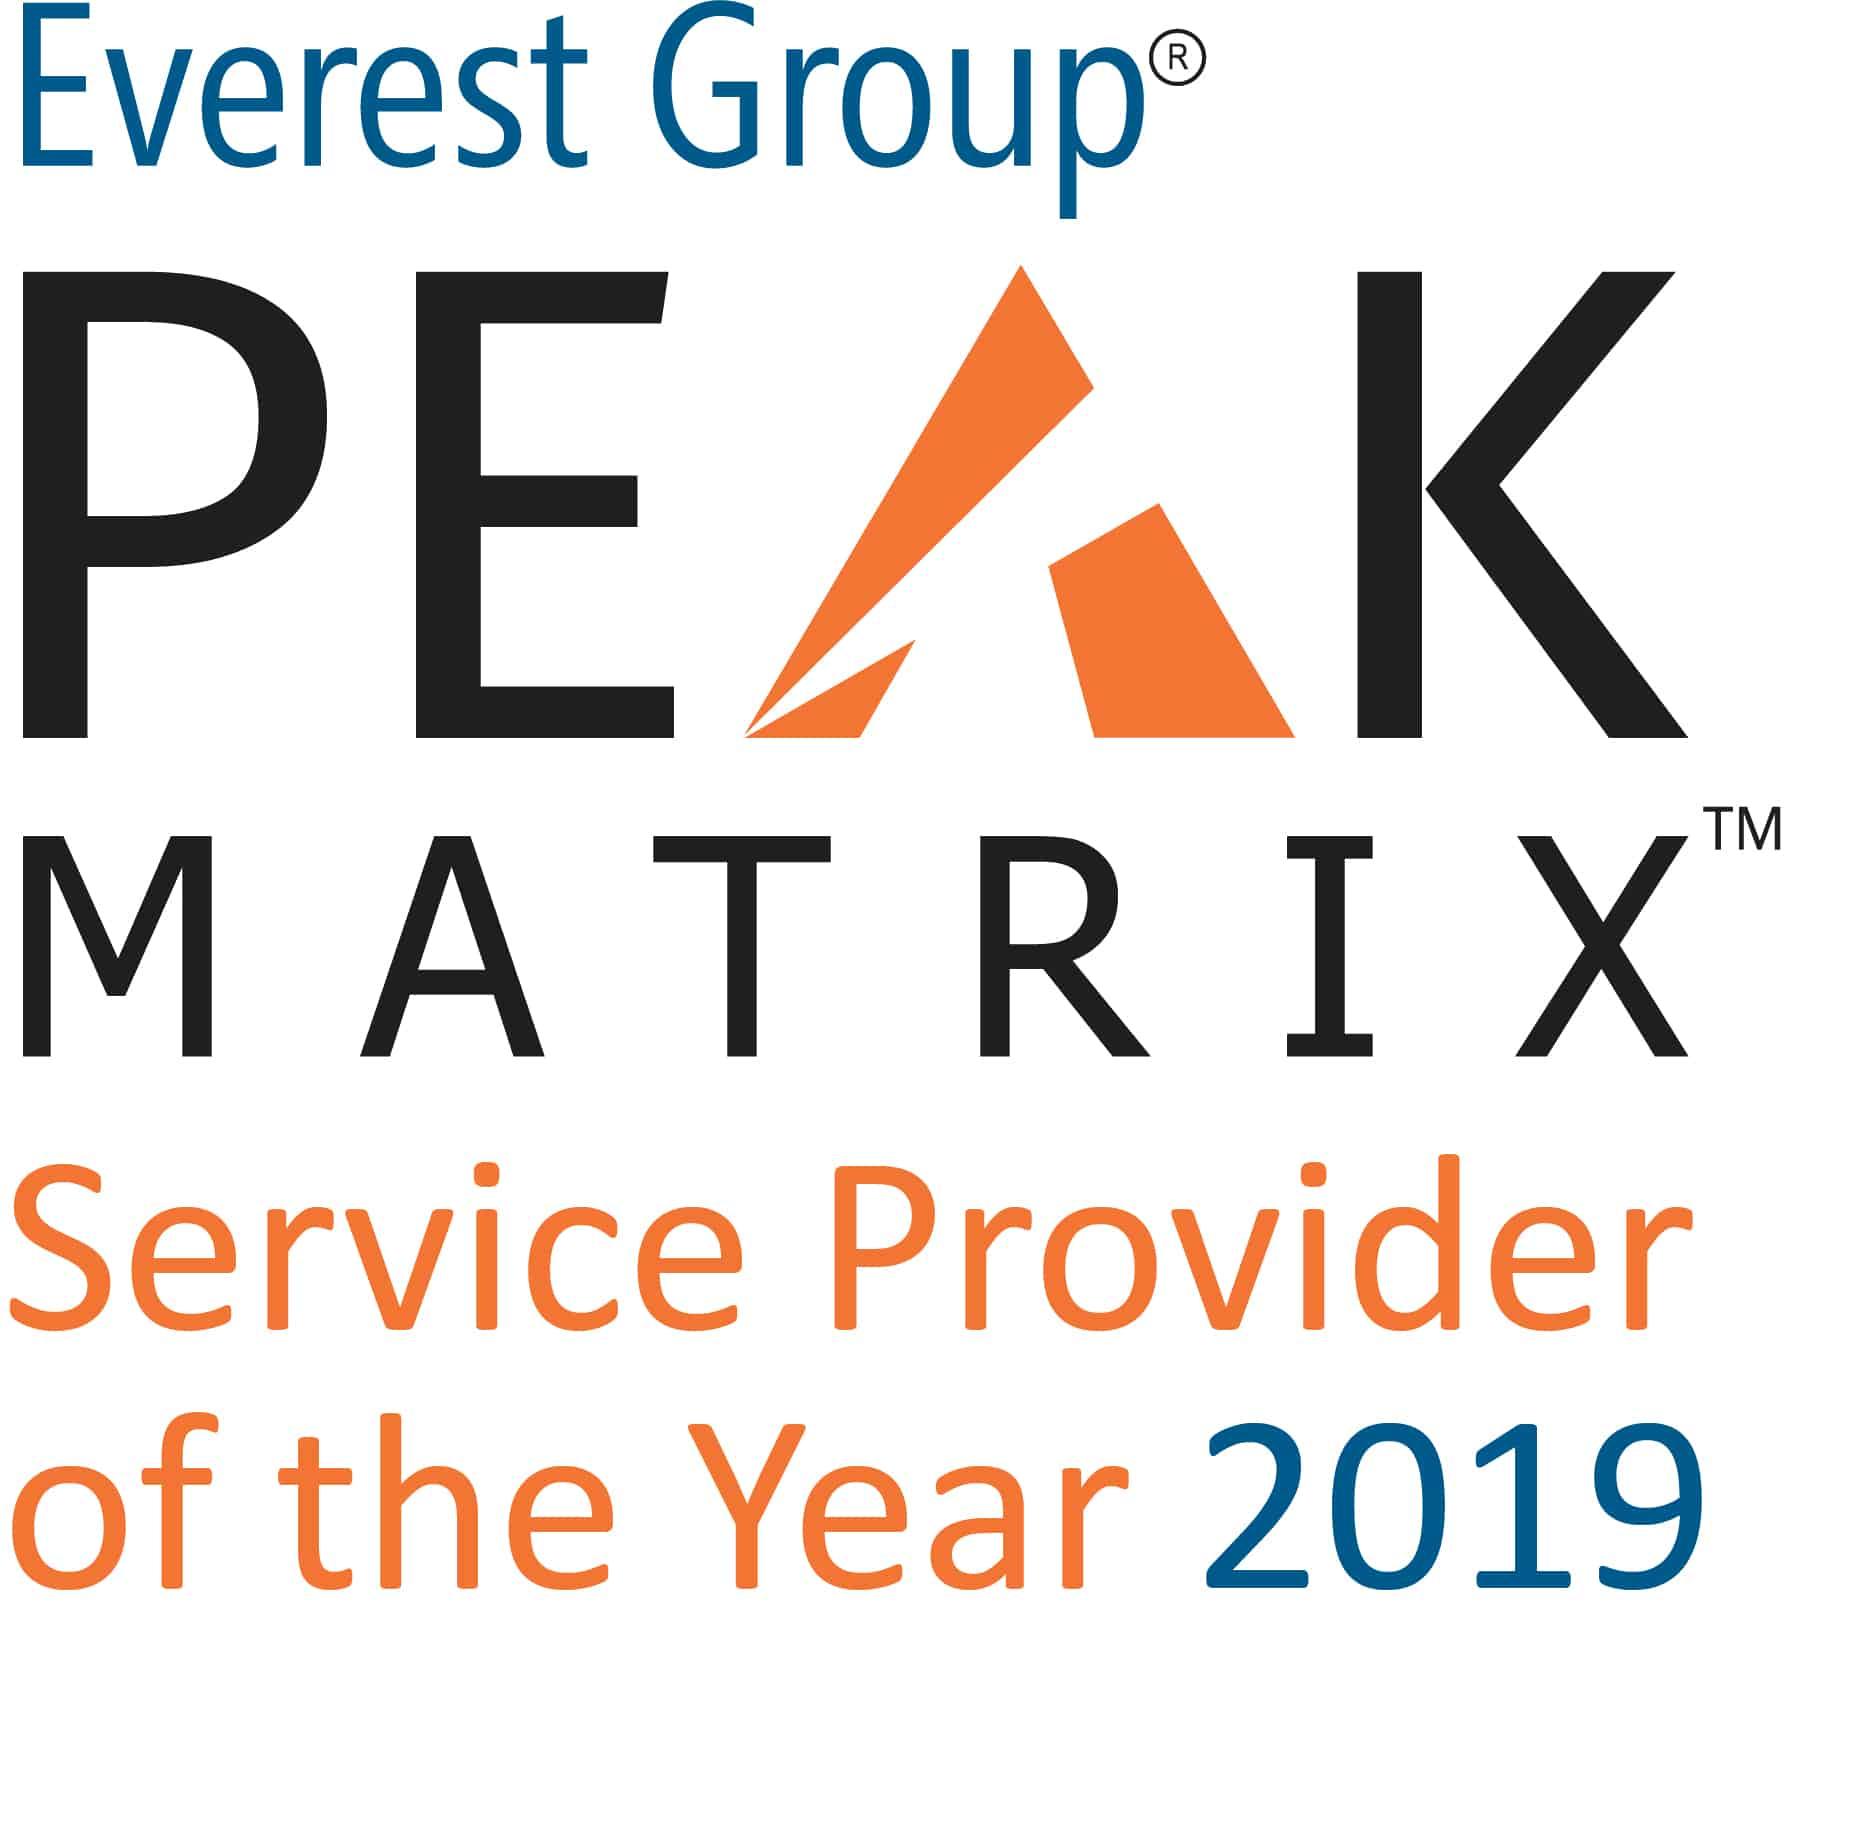 logo for PEAK Matrix SPOTY 2019